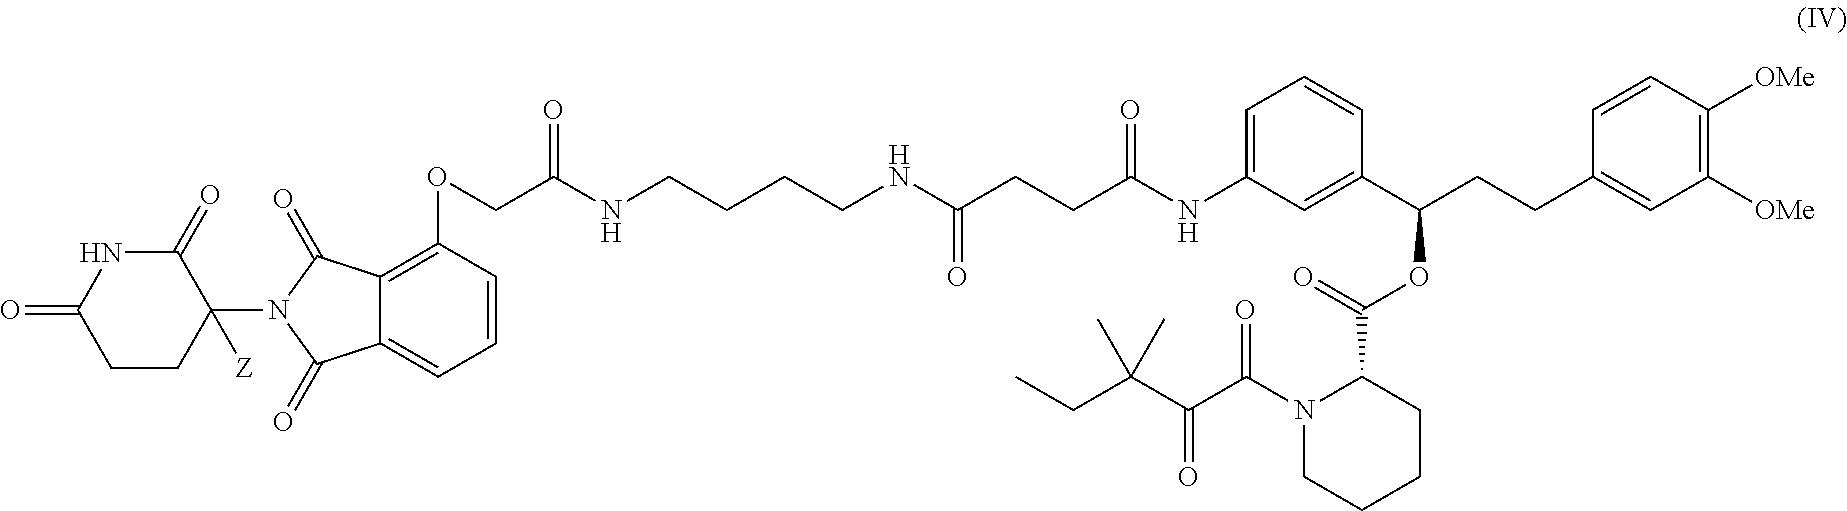 Figure US09809603-20171107-C00005